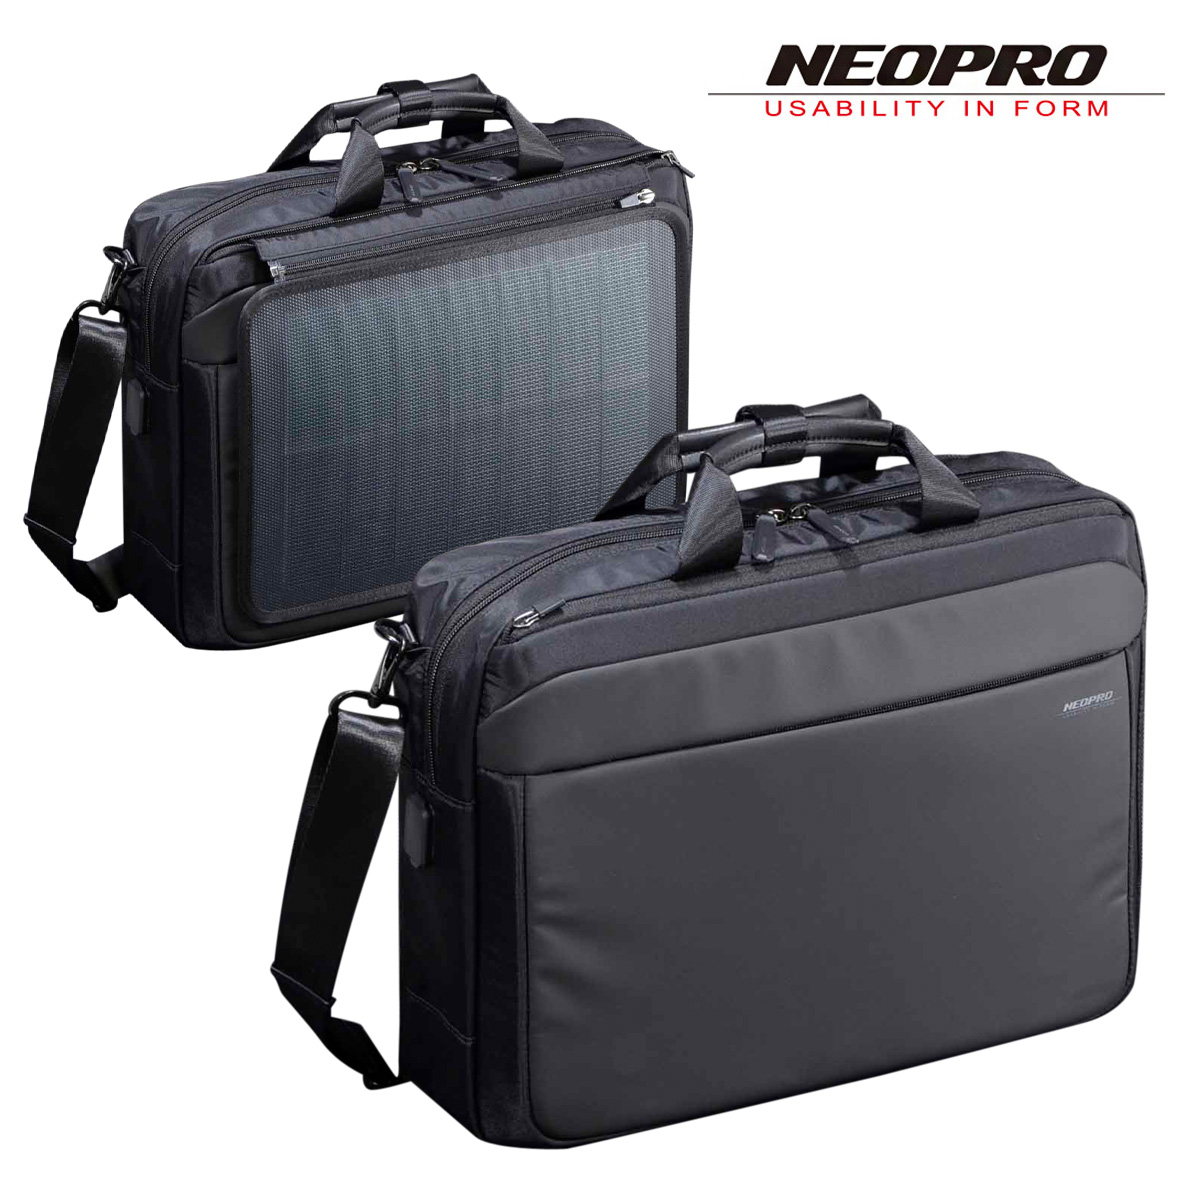 ネオプロ ブリーフケース 2WAY ソーラードライブ メンズ 2-860 NEOPRO ソーラーパネル搭載 ビジネスバック 撥水 USBポート搭載 太陽光パネル 防災バッグ[PO10][bef]